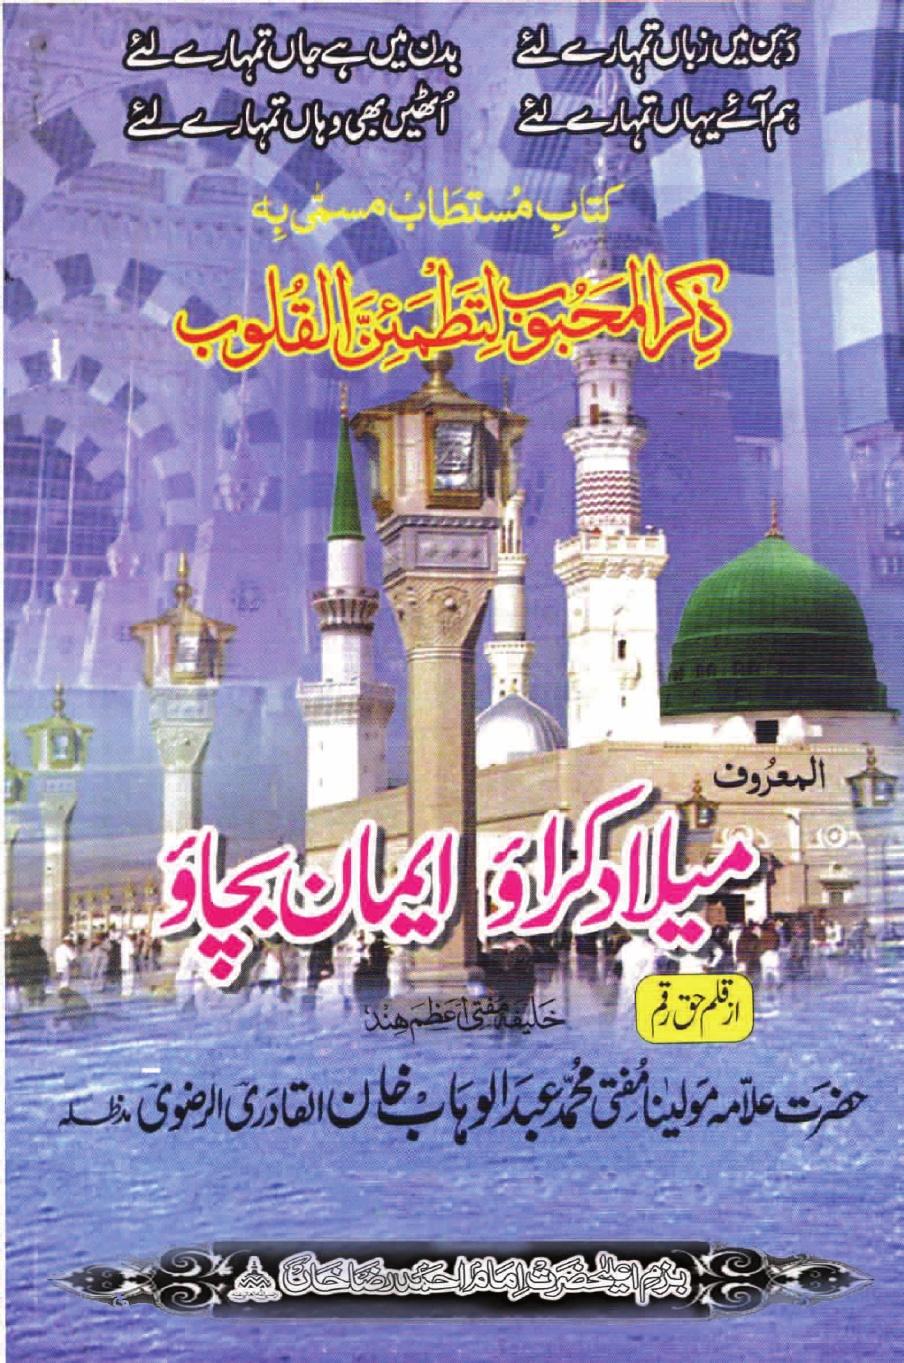 Photo of Milaad karao imaan bachao Mufti Abdul Wahab Khan Qadri Rizvi Urdu Book